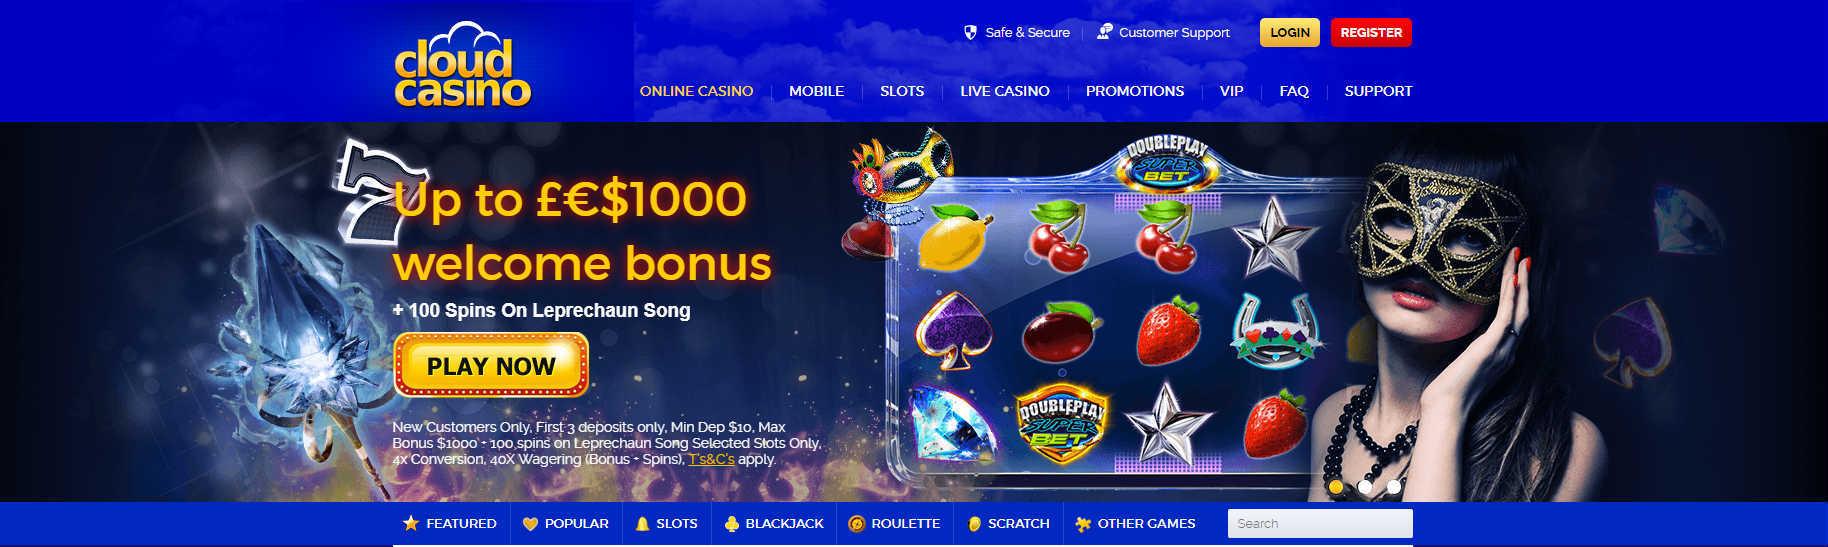 Cloud Casino Online Casino Bonuses